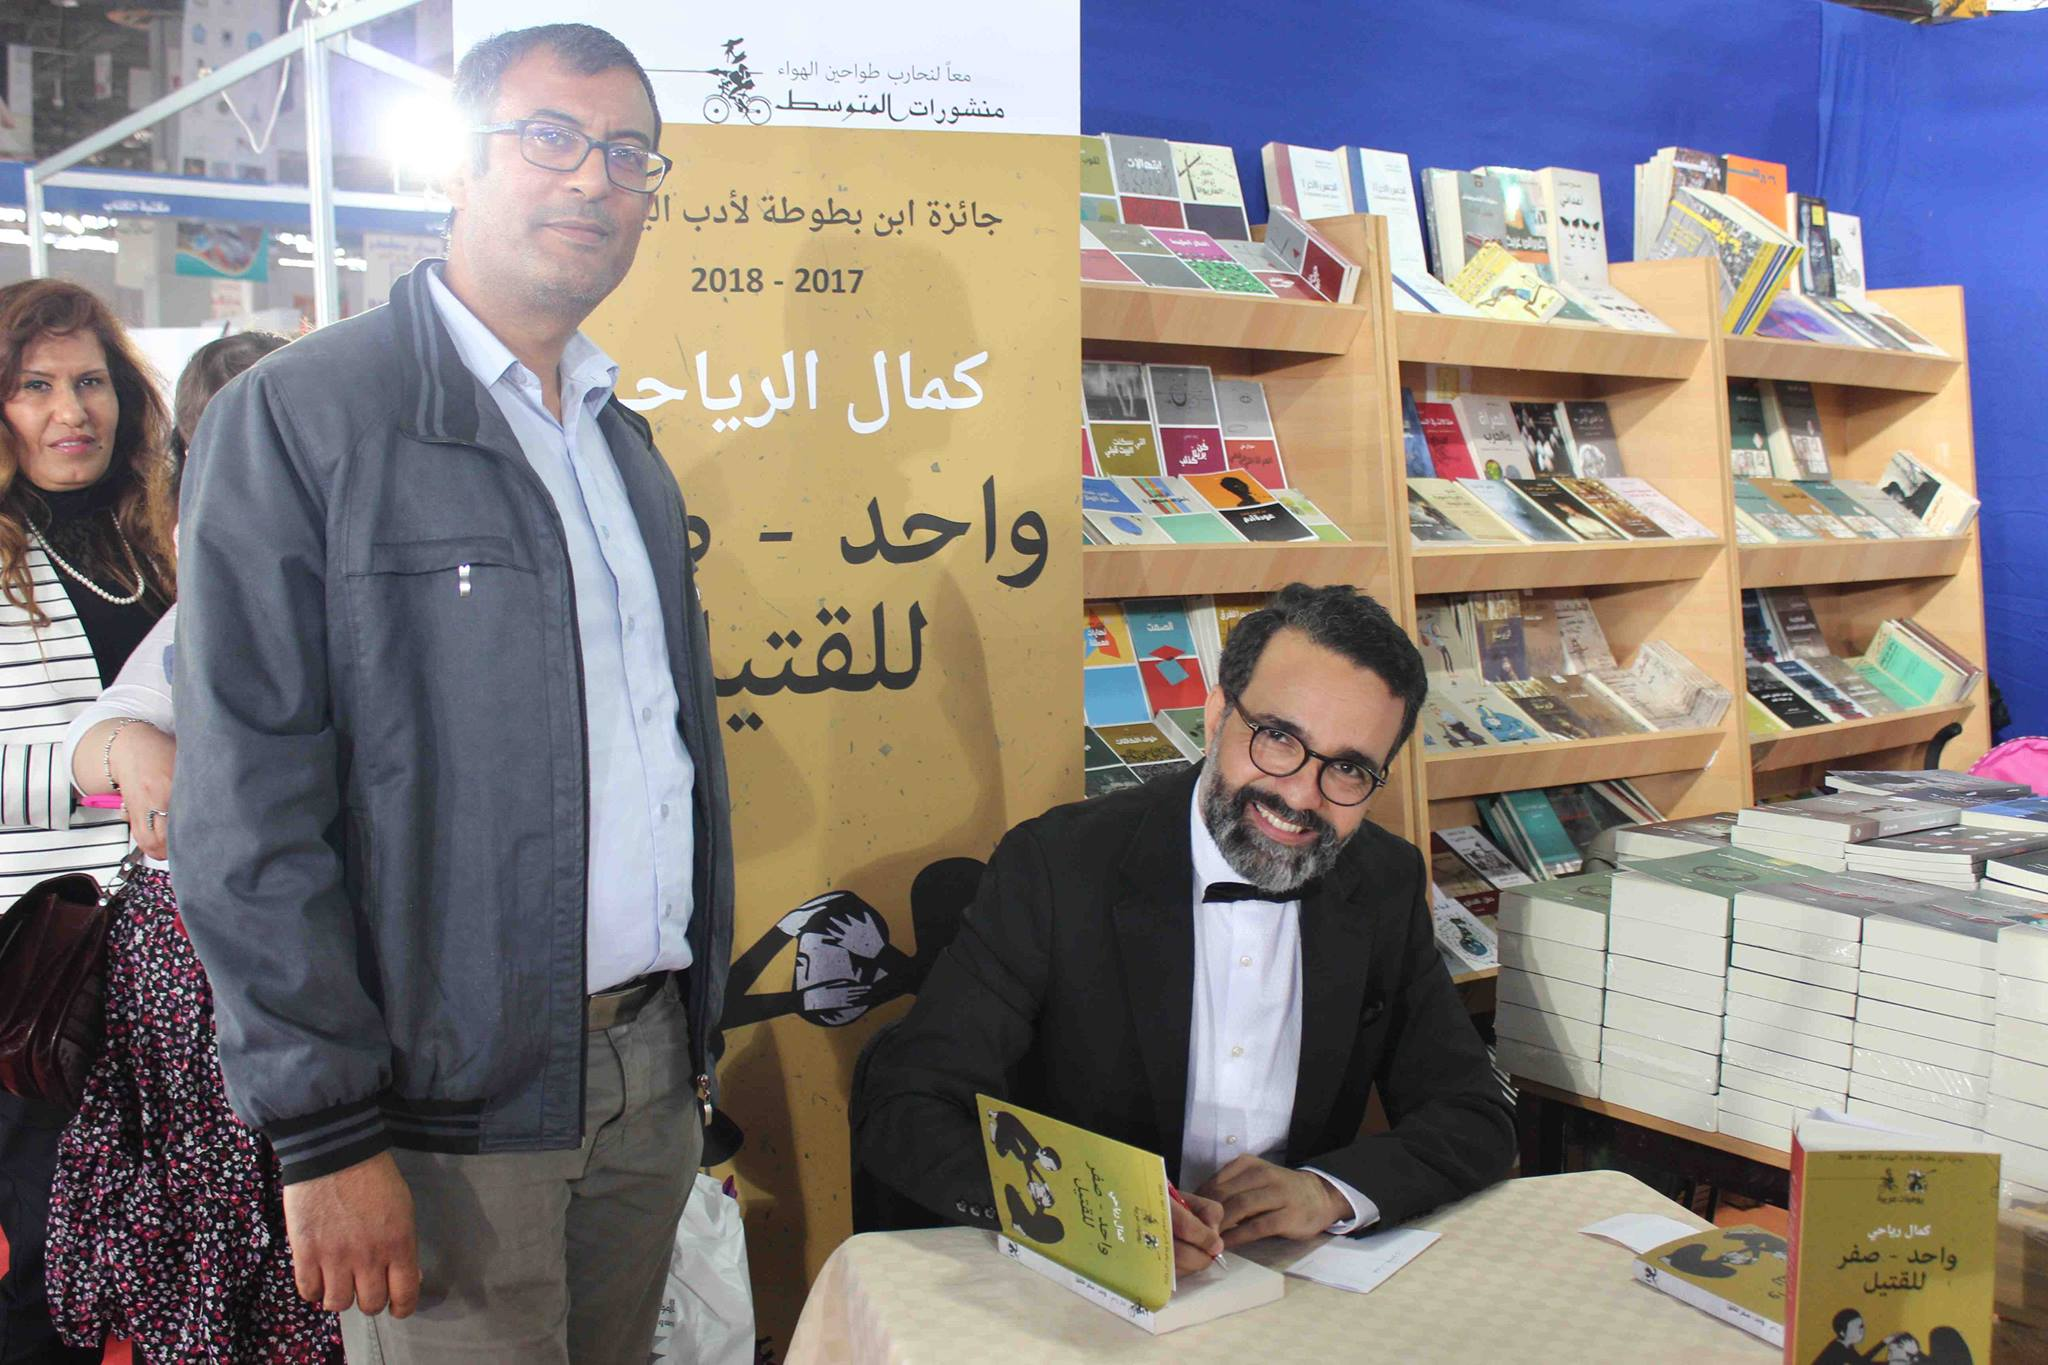 كمال الرياحى يوقع كتابه واحد صفر للقتيل الفائز بجائزة ابن بطوطة فى معرض تونس (1)